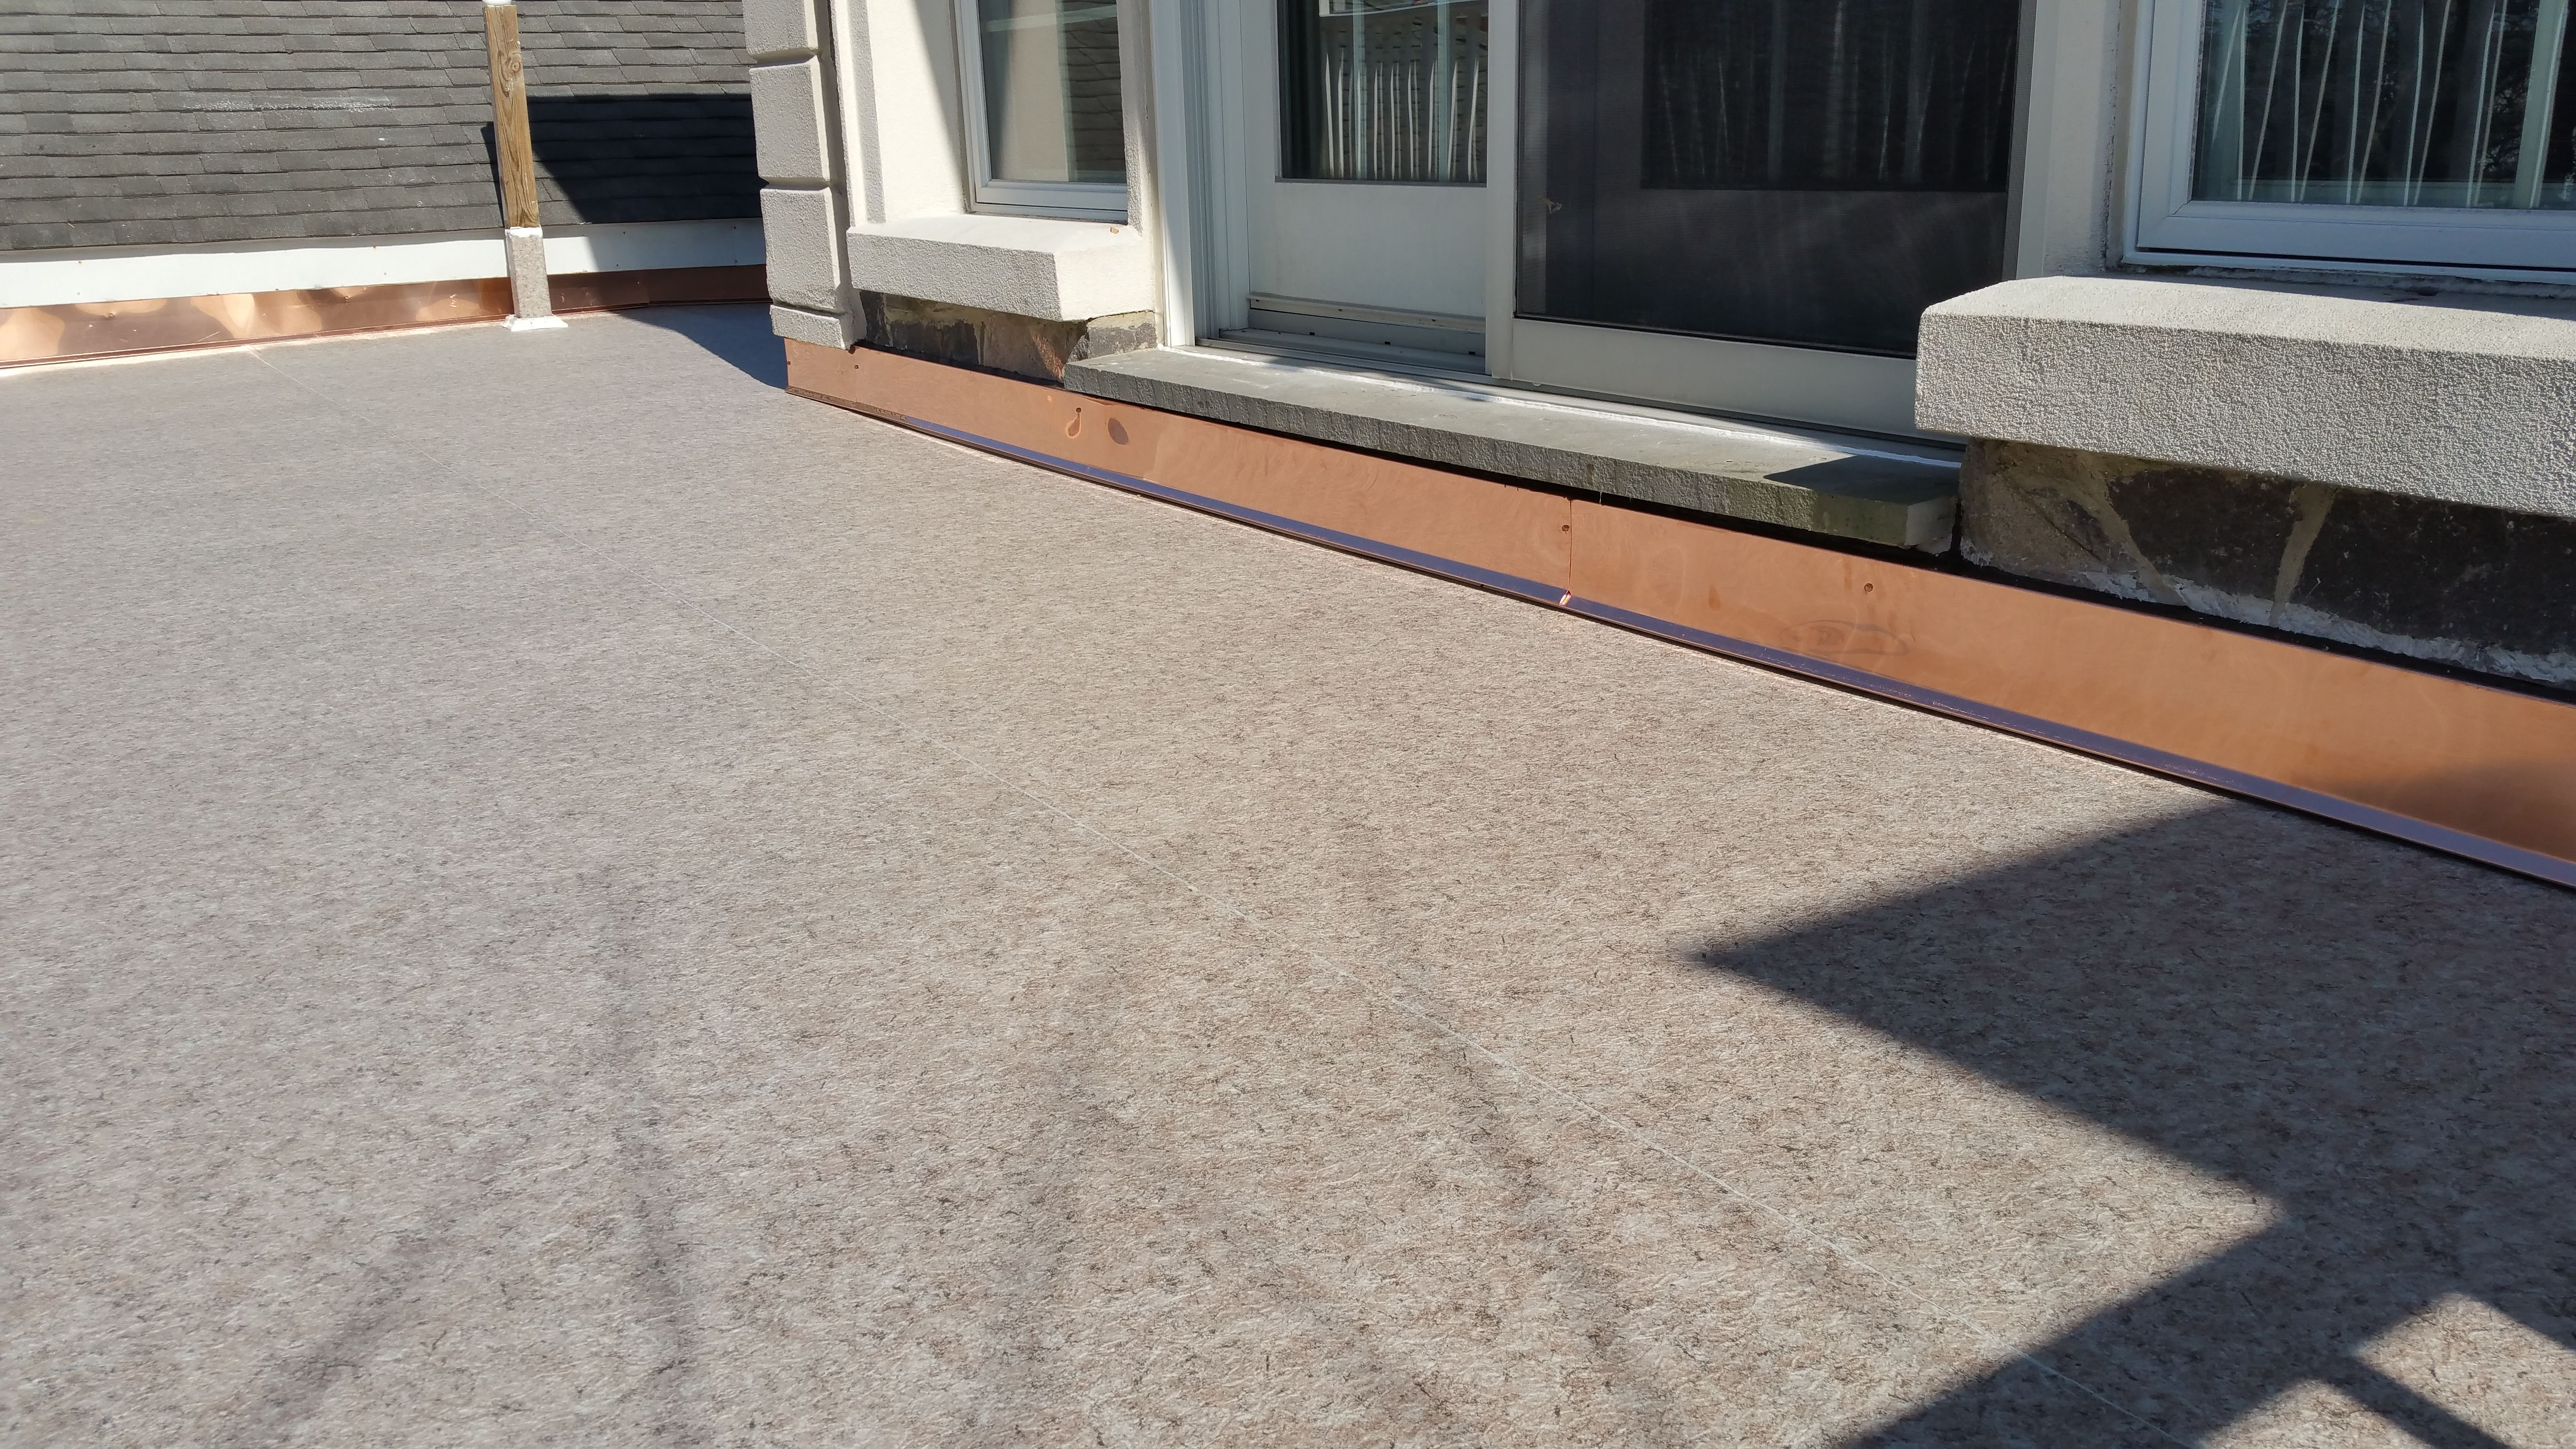 Duradek Ultra Sienna outdoor vinyl flooring provides a